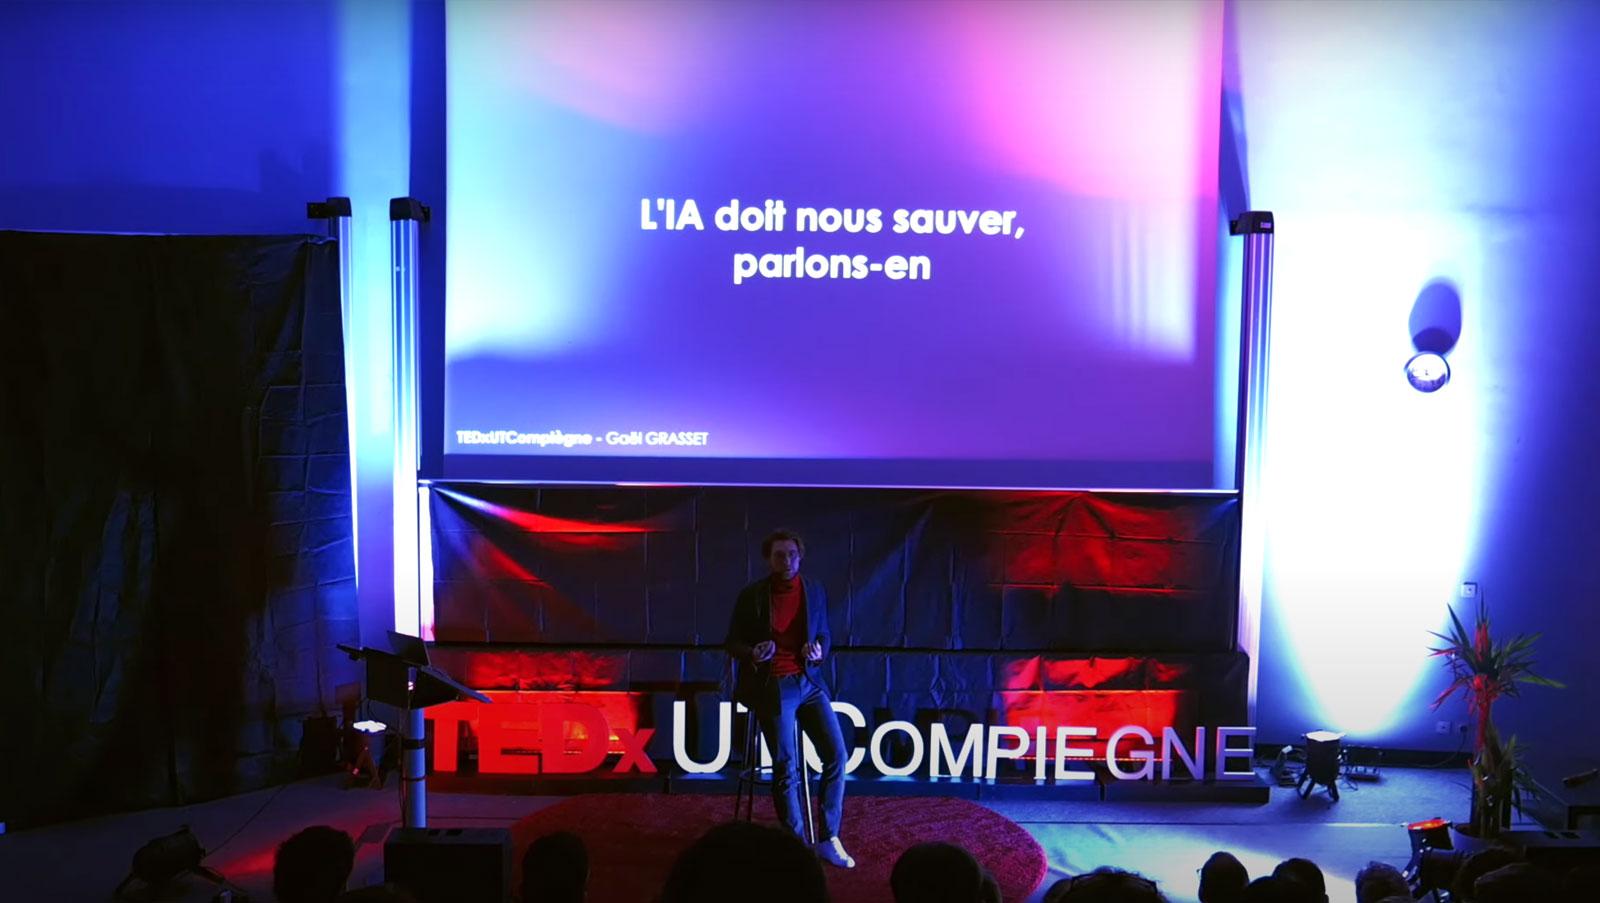 Vision for the future – TEDxUTCompiègne